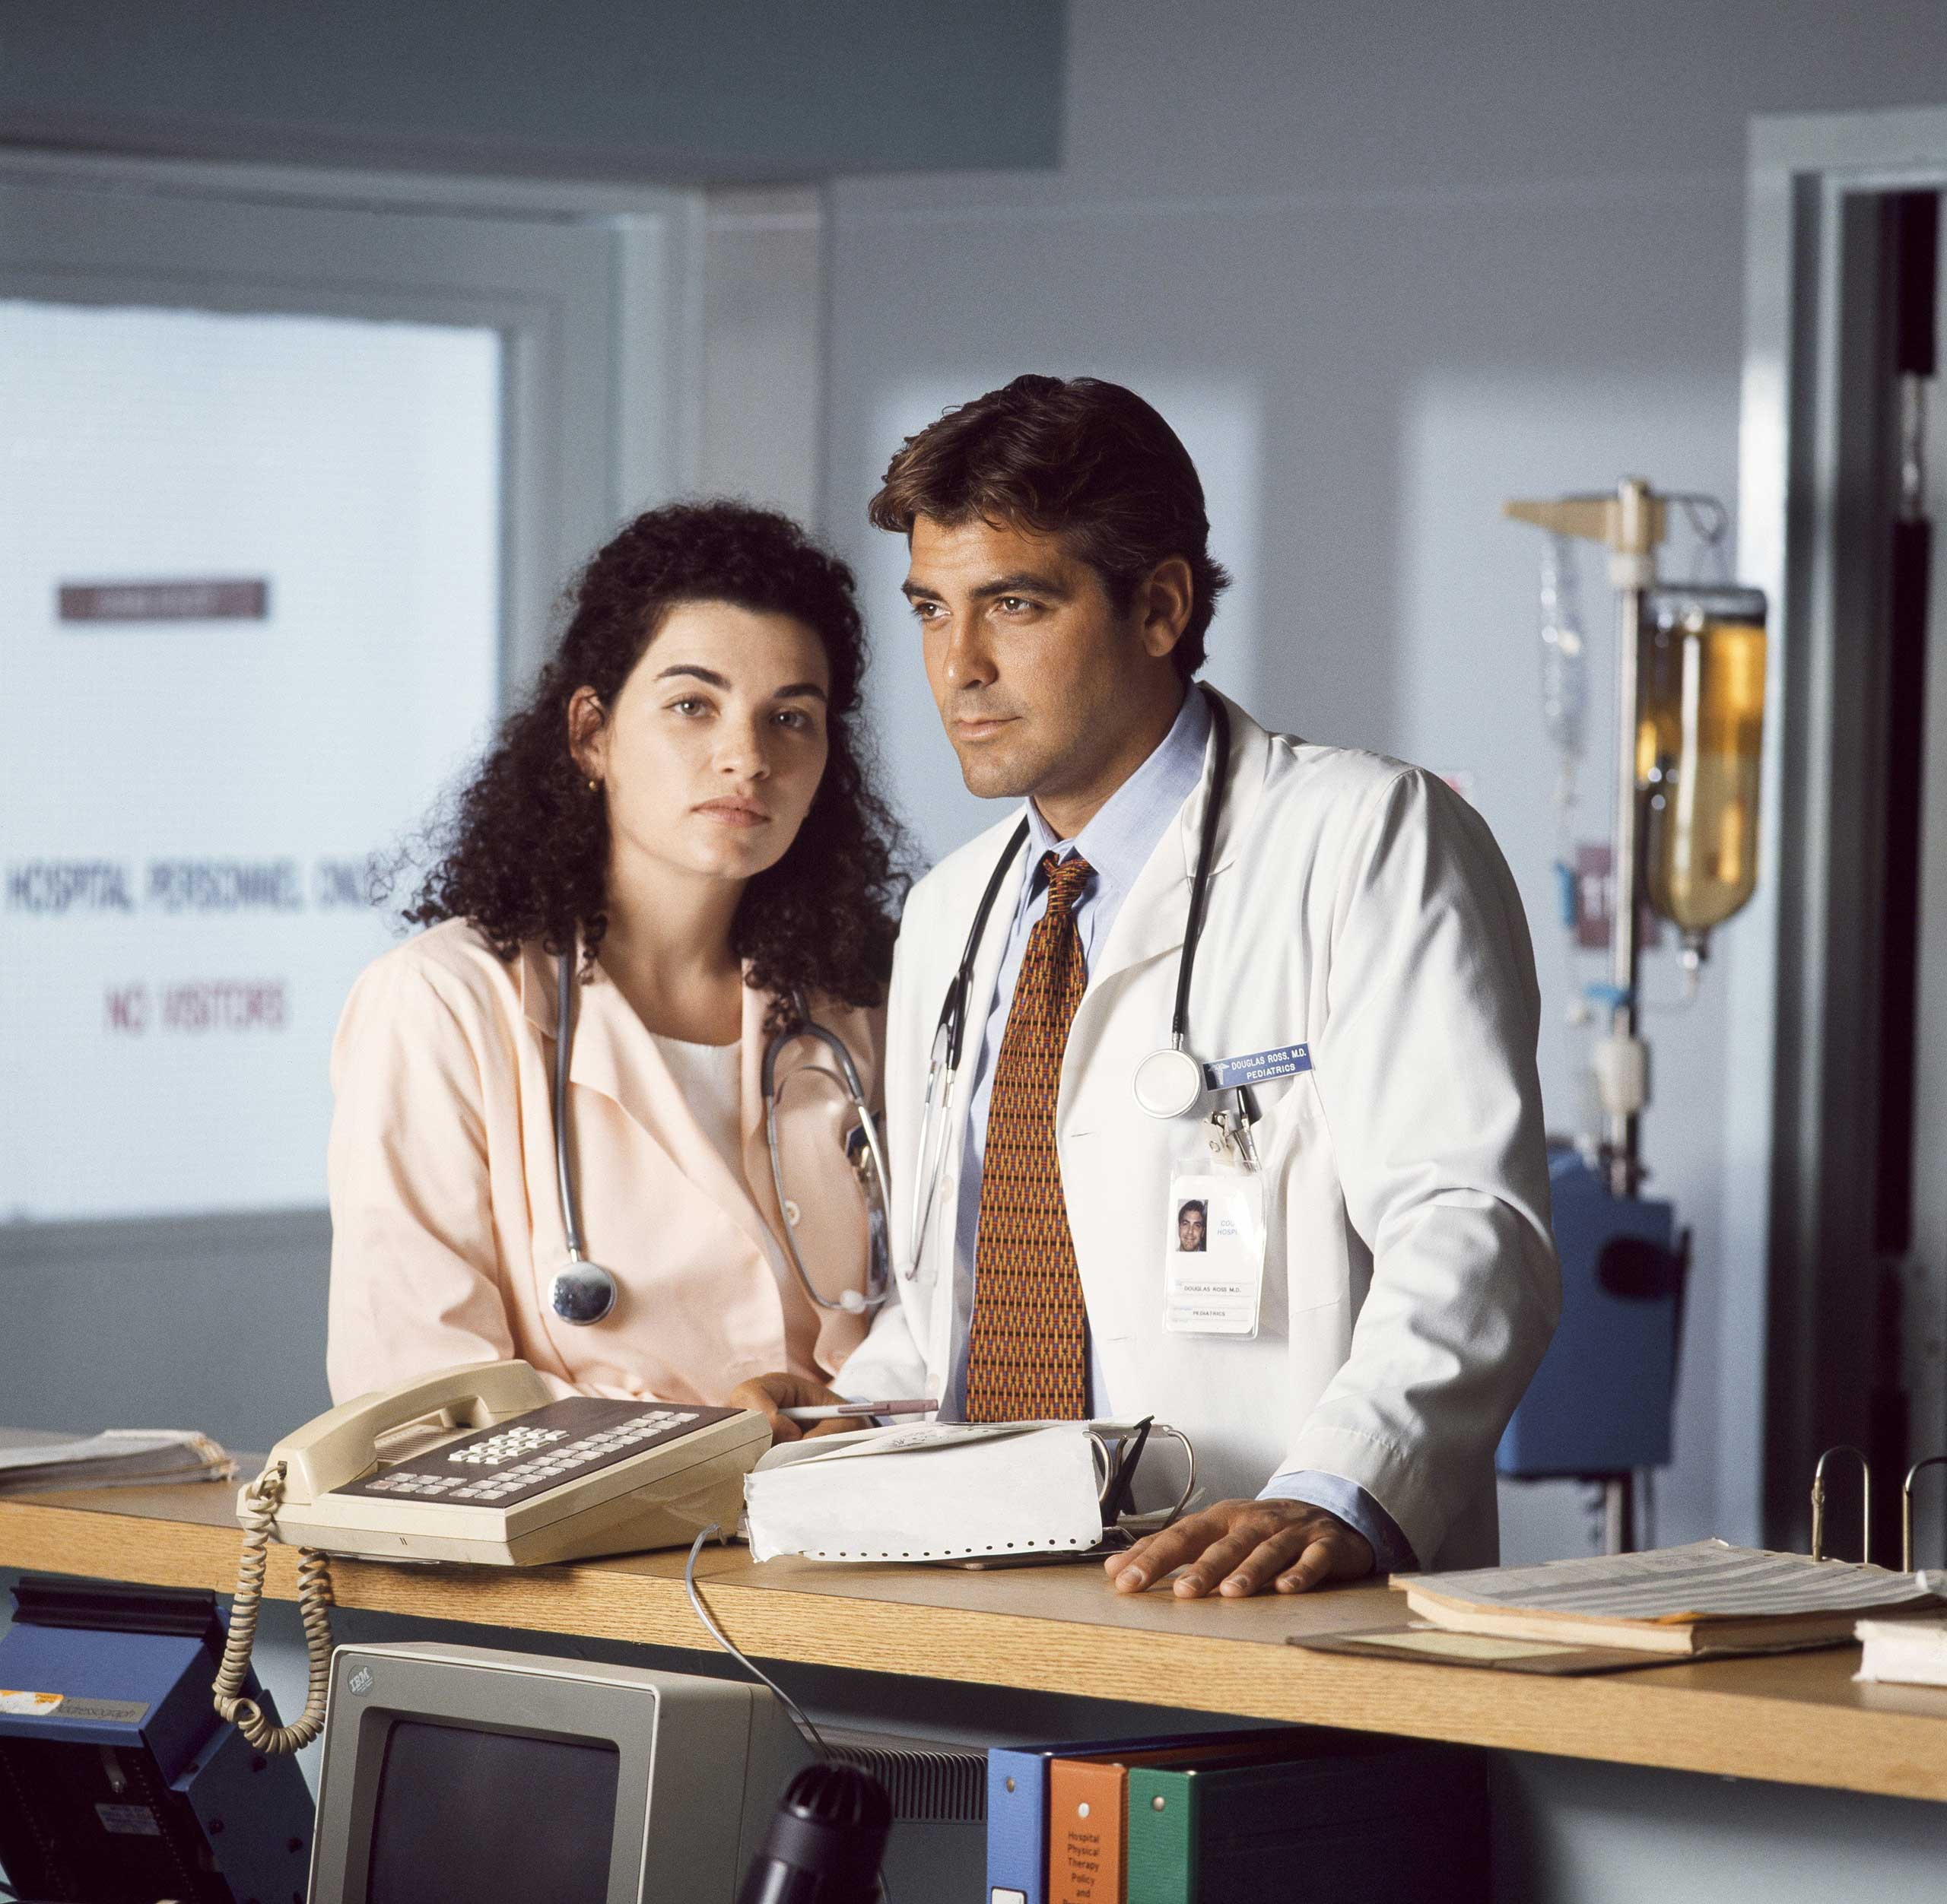 <strong>Doug and Carol - <i>E.R.</i>, 1994</strong>